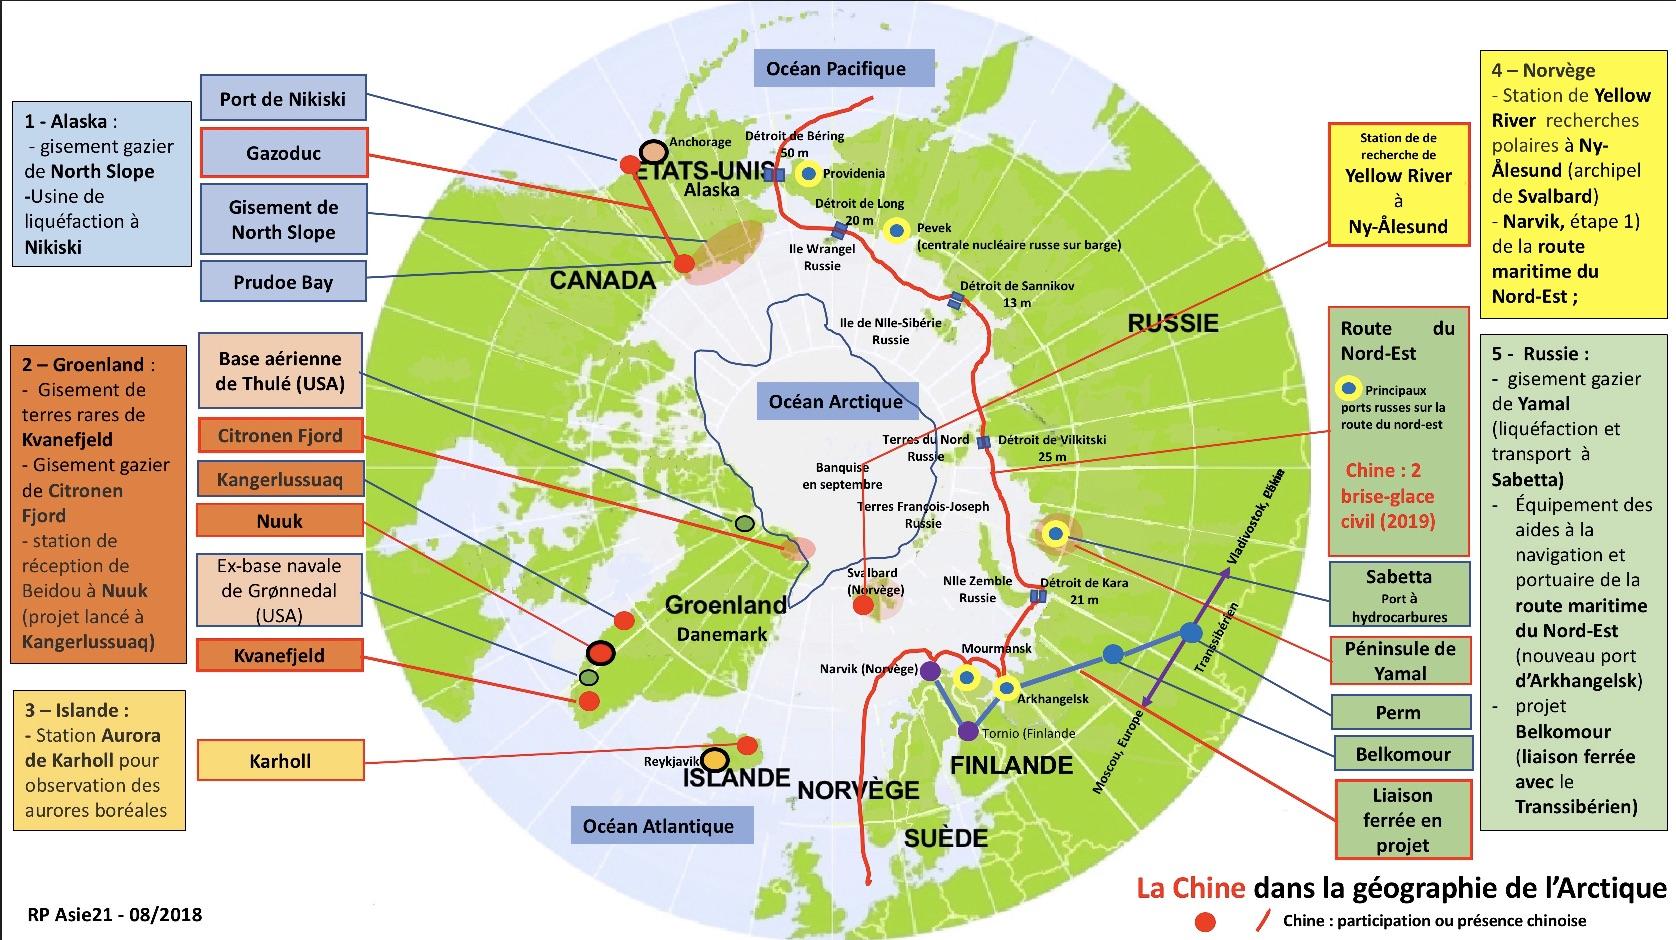 La Chine dans la géographie de l'Arctique – China in the geography of the Arctic